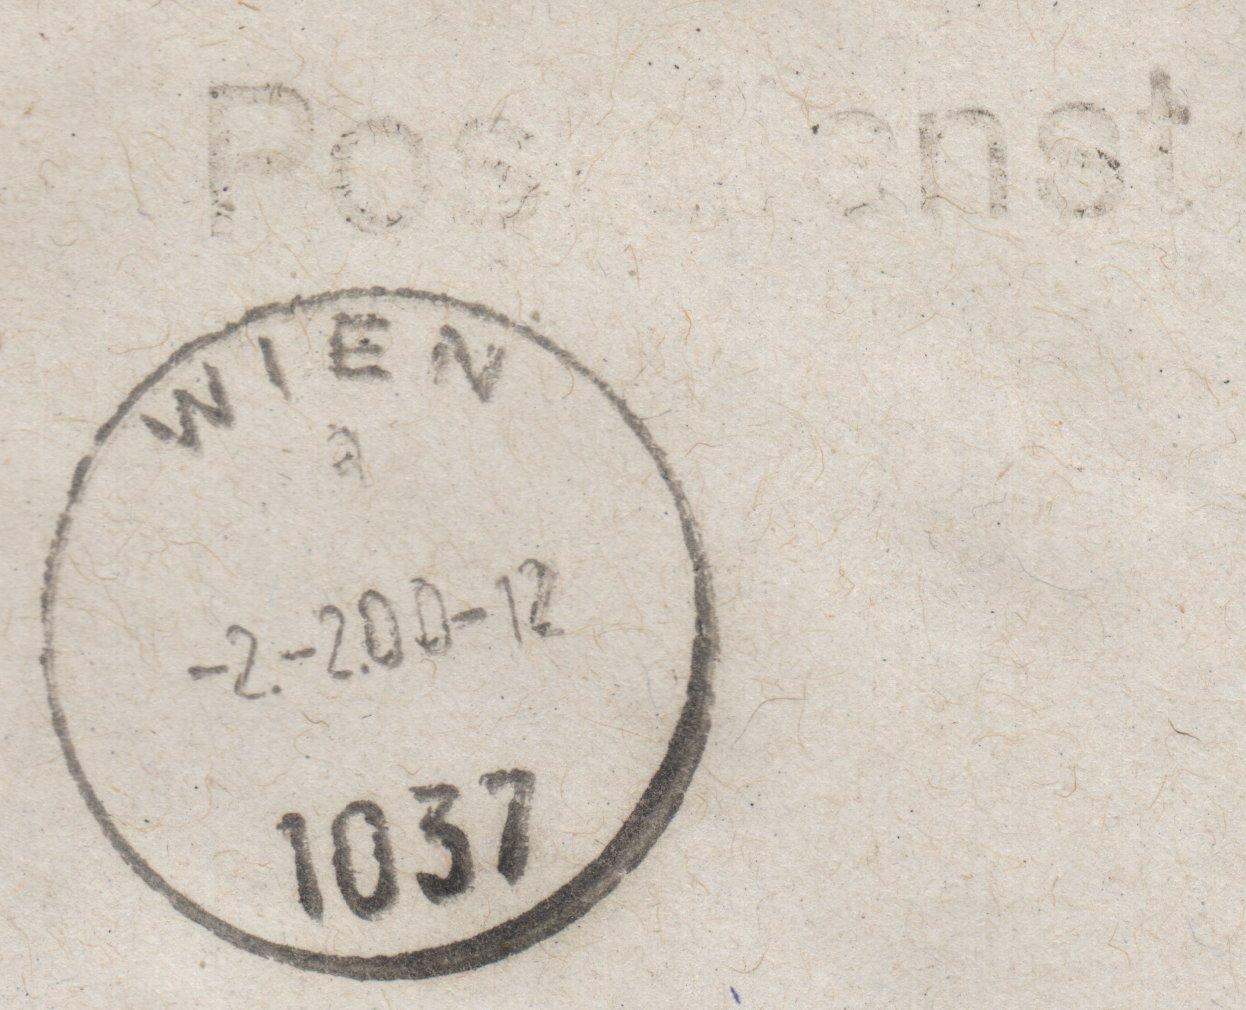 File:Postdienst-1037 020200.jpg